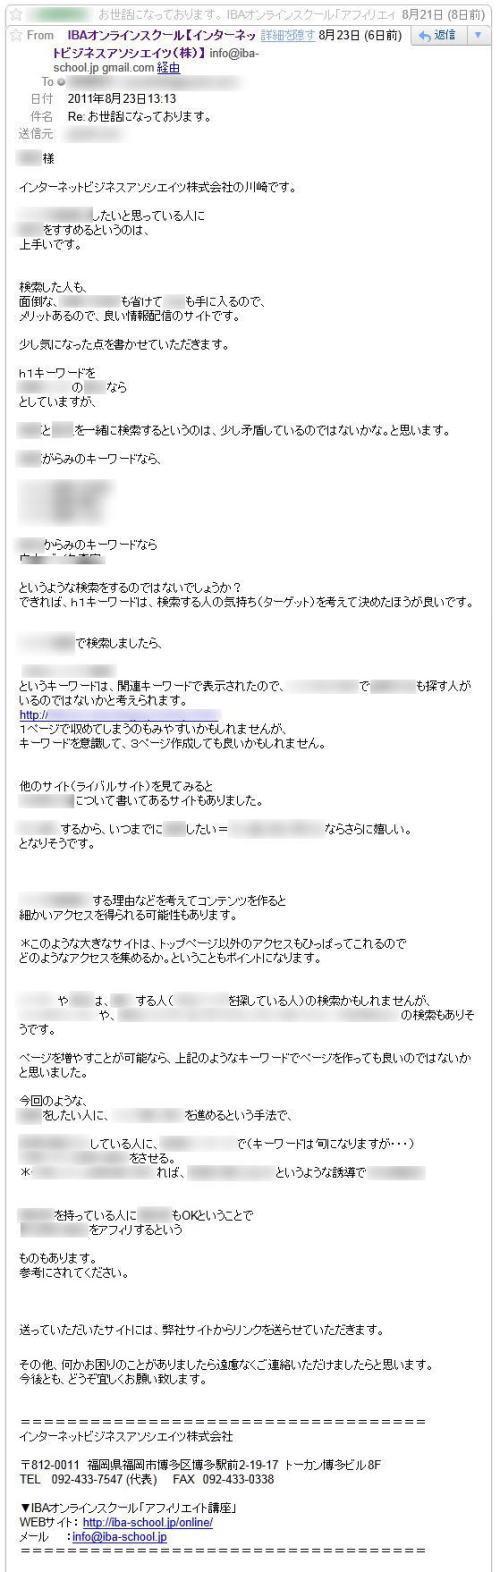 mails01.jpg